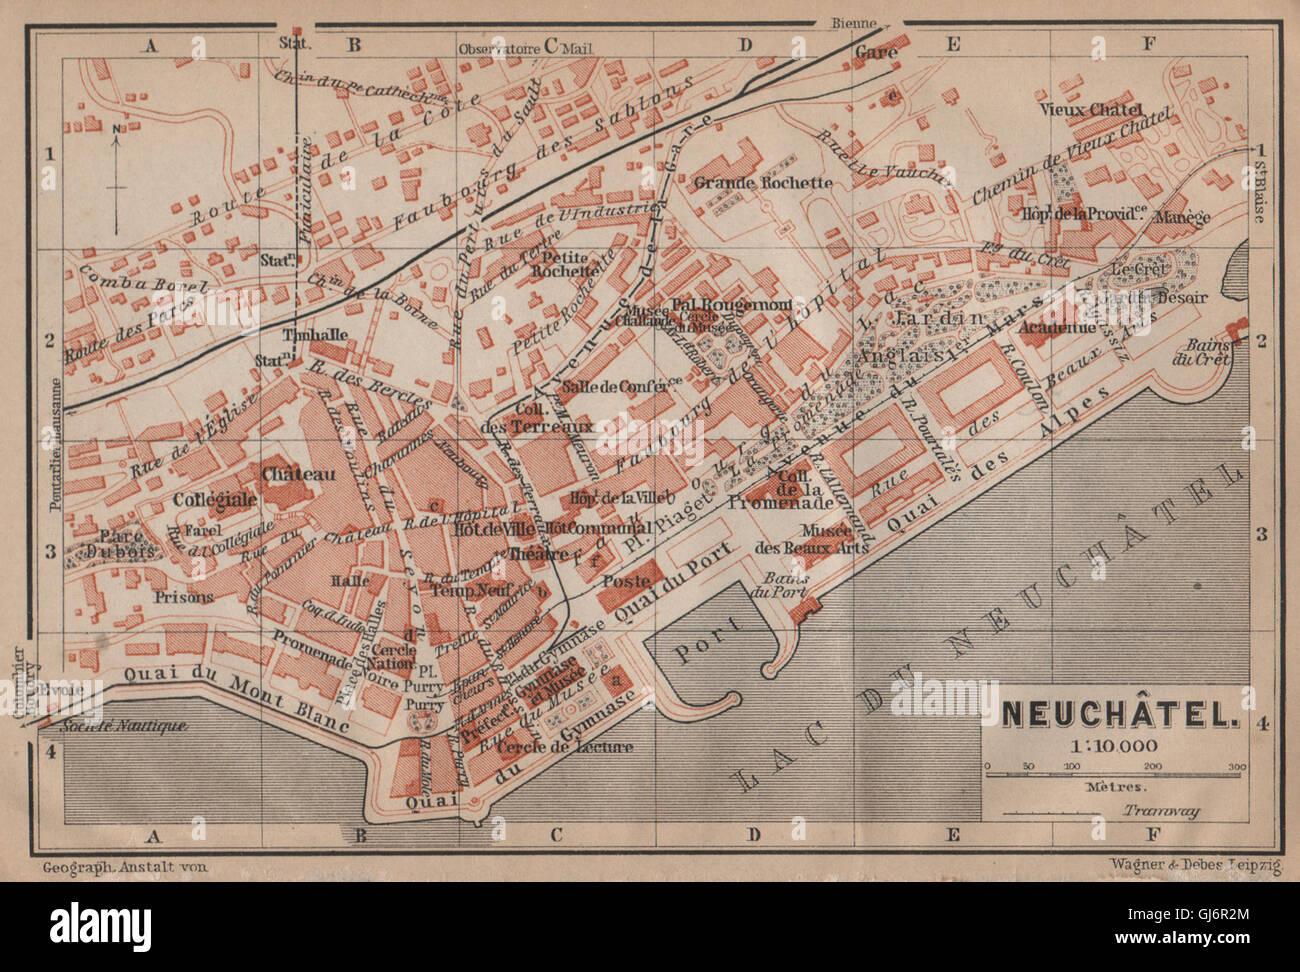 Neuchatel Map Stock Photos Neuchatel Map Stock Images Alamy